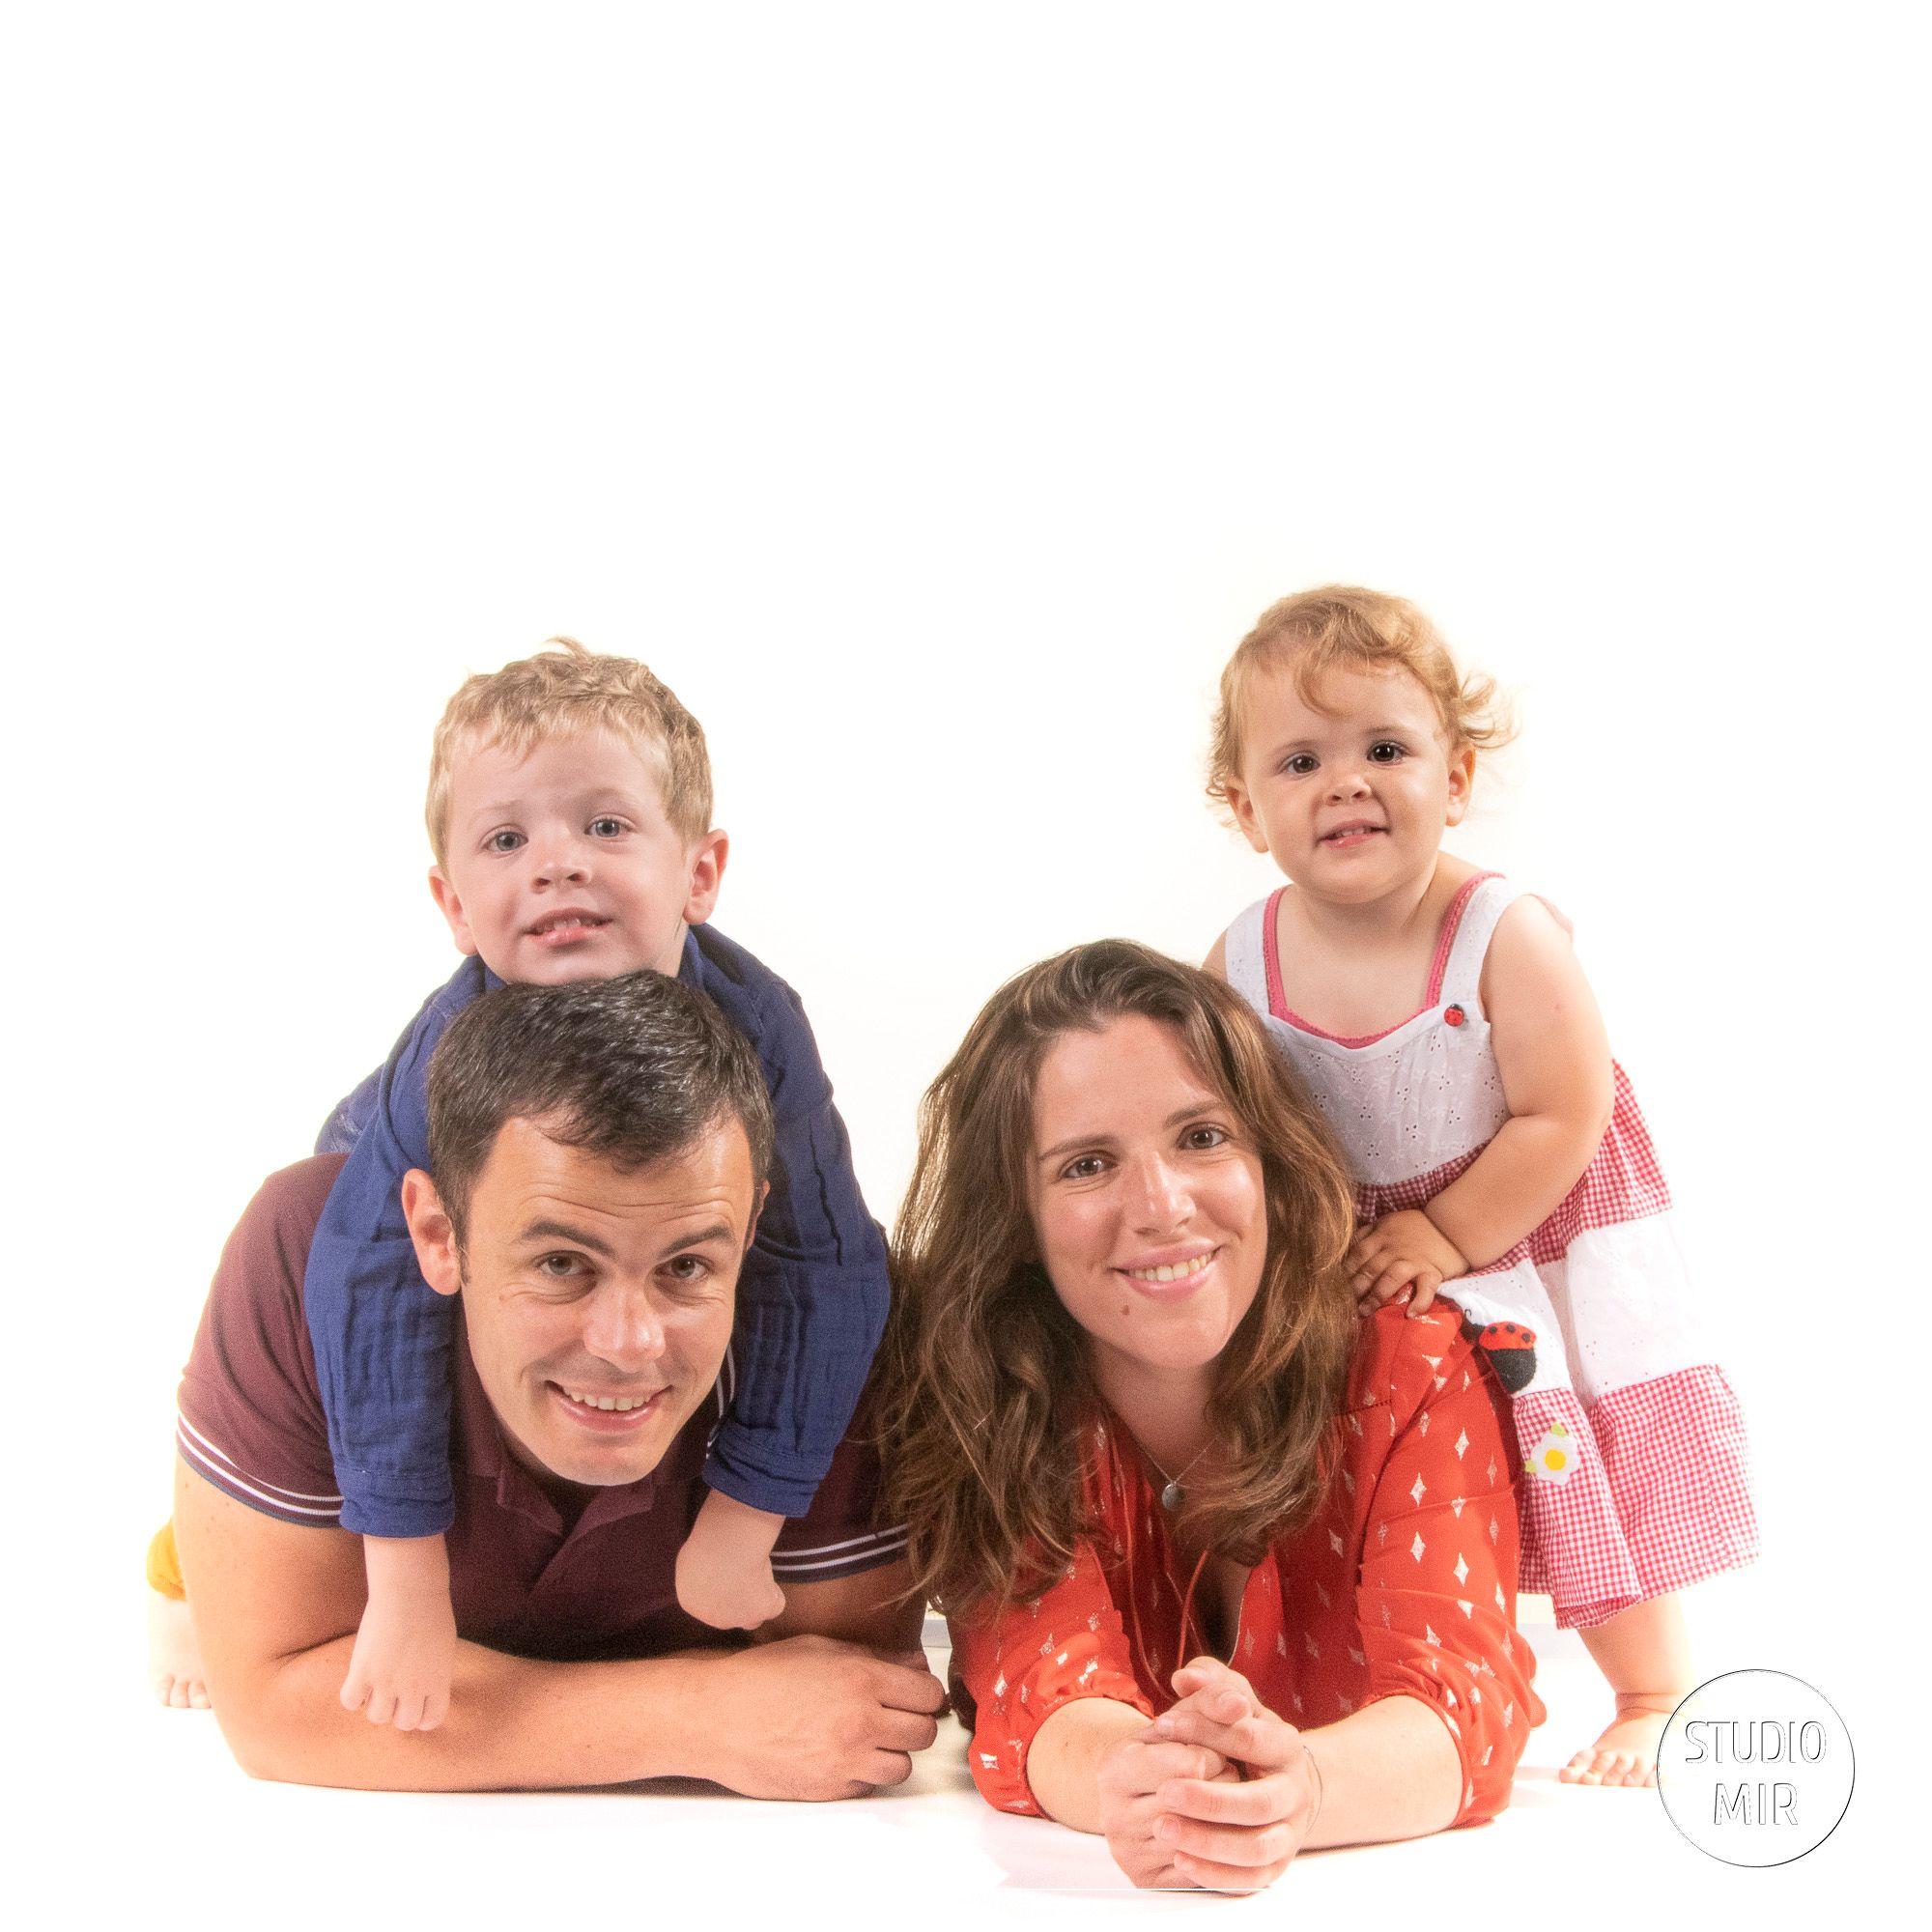 Idée cadeau : Séance photo en famille dans un studio photo professionnel à Saint Maur des Fossés près de Paris